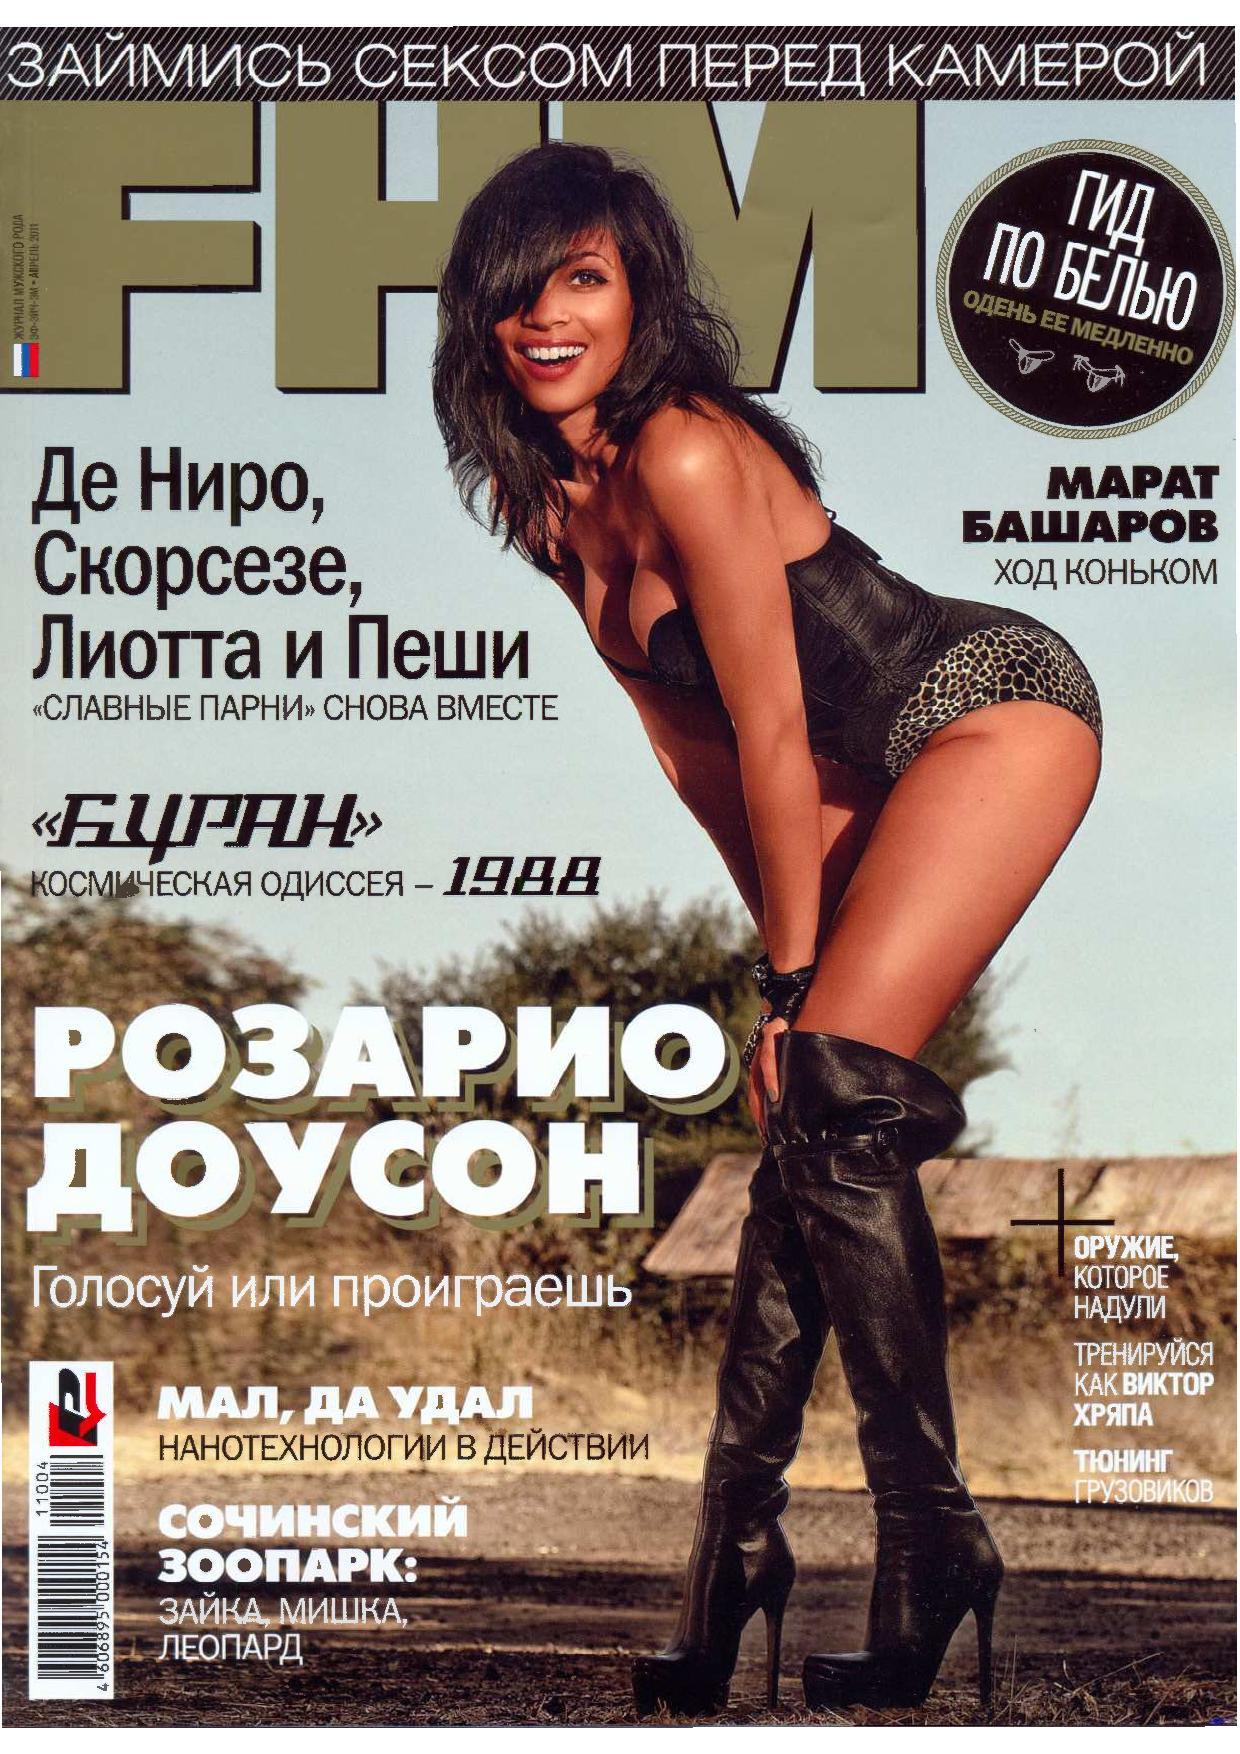 Rosario Dawson For Fhm Russia April Art Amby S Blog